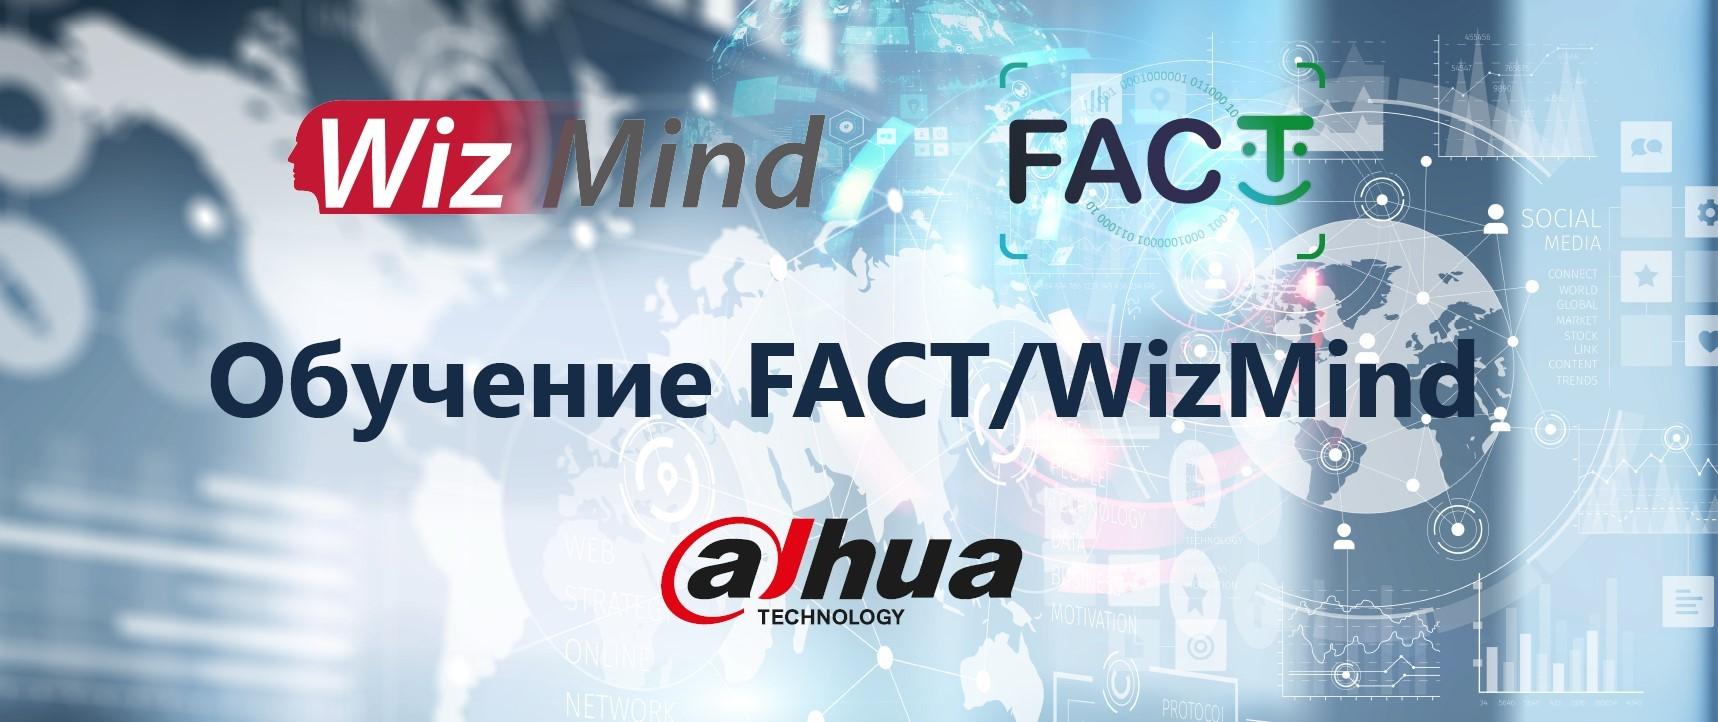 Обучение от Dahua по линейкам FACT/WizMind